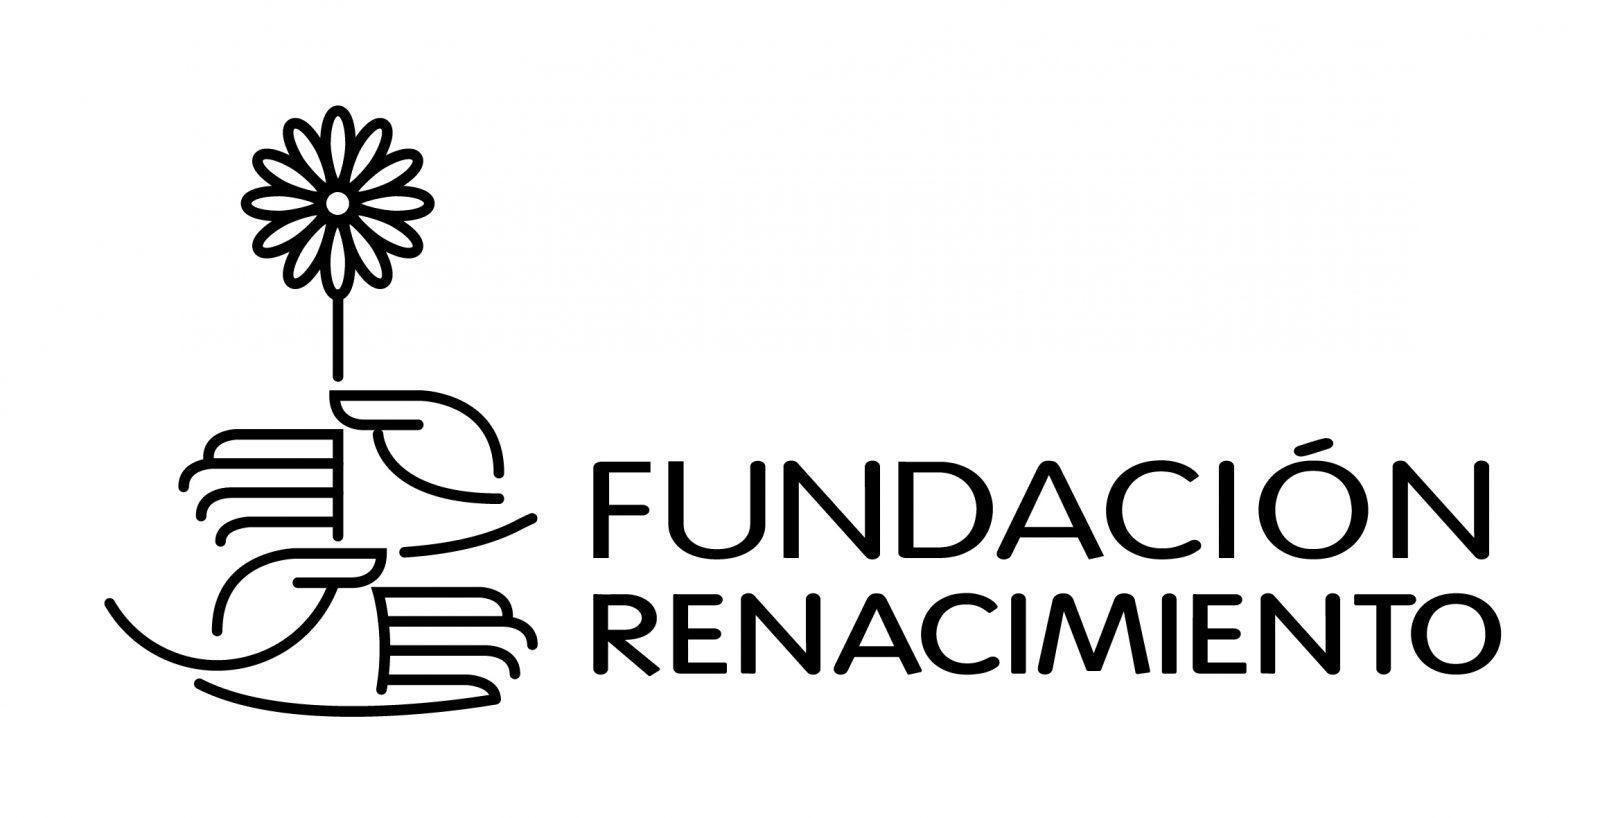 Fundacion_renacimiento logo